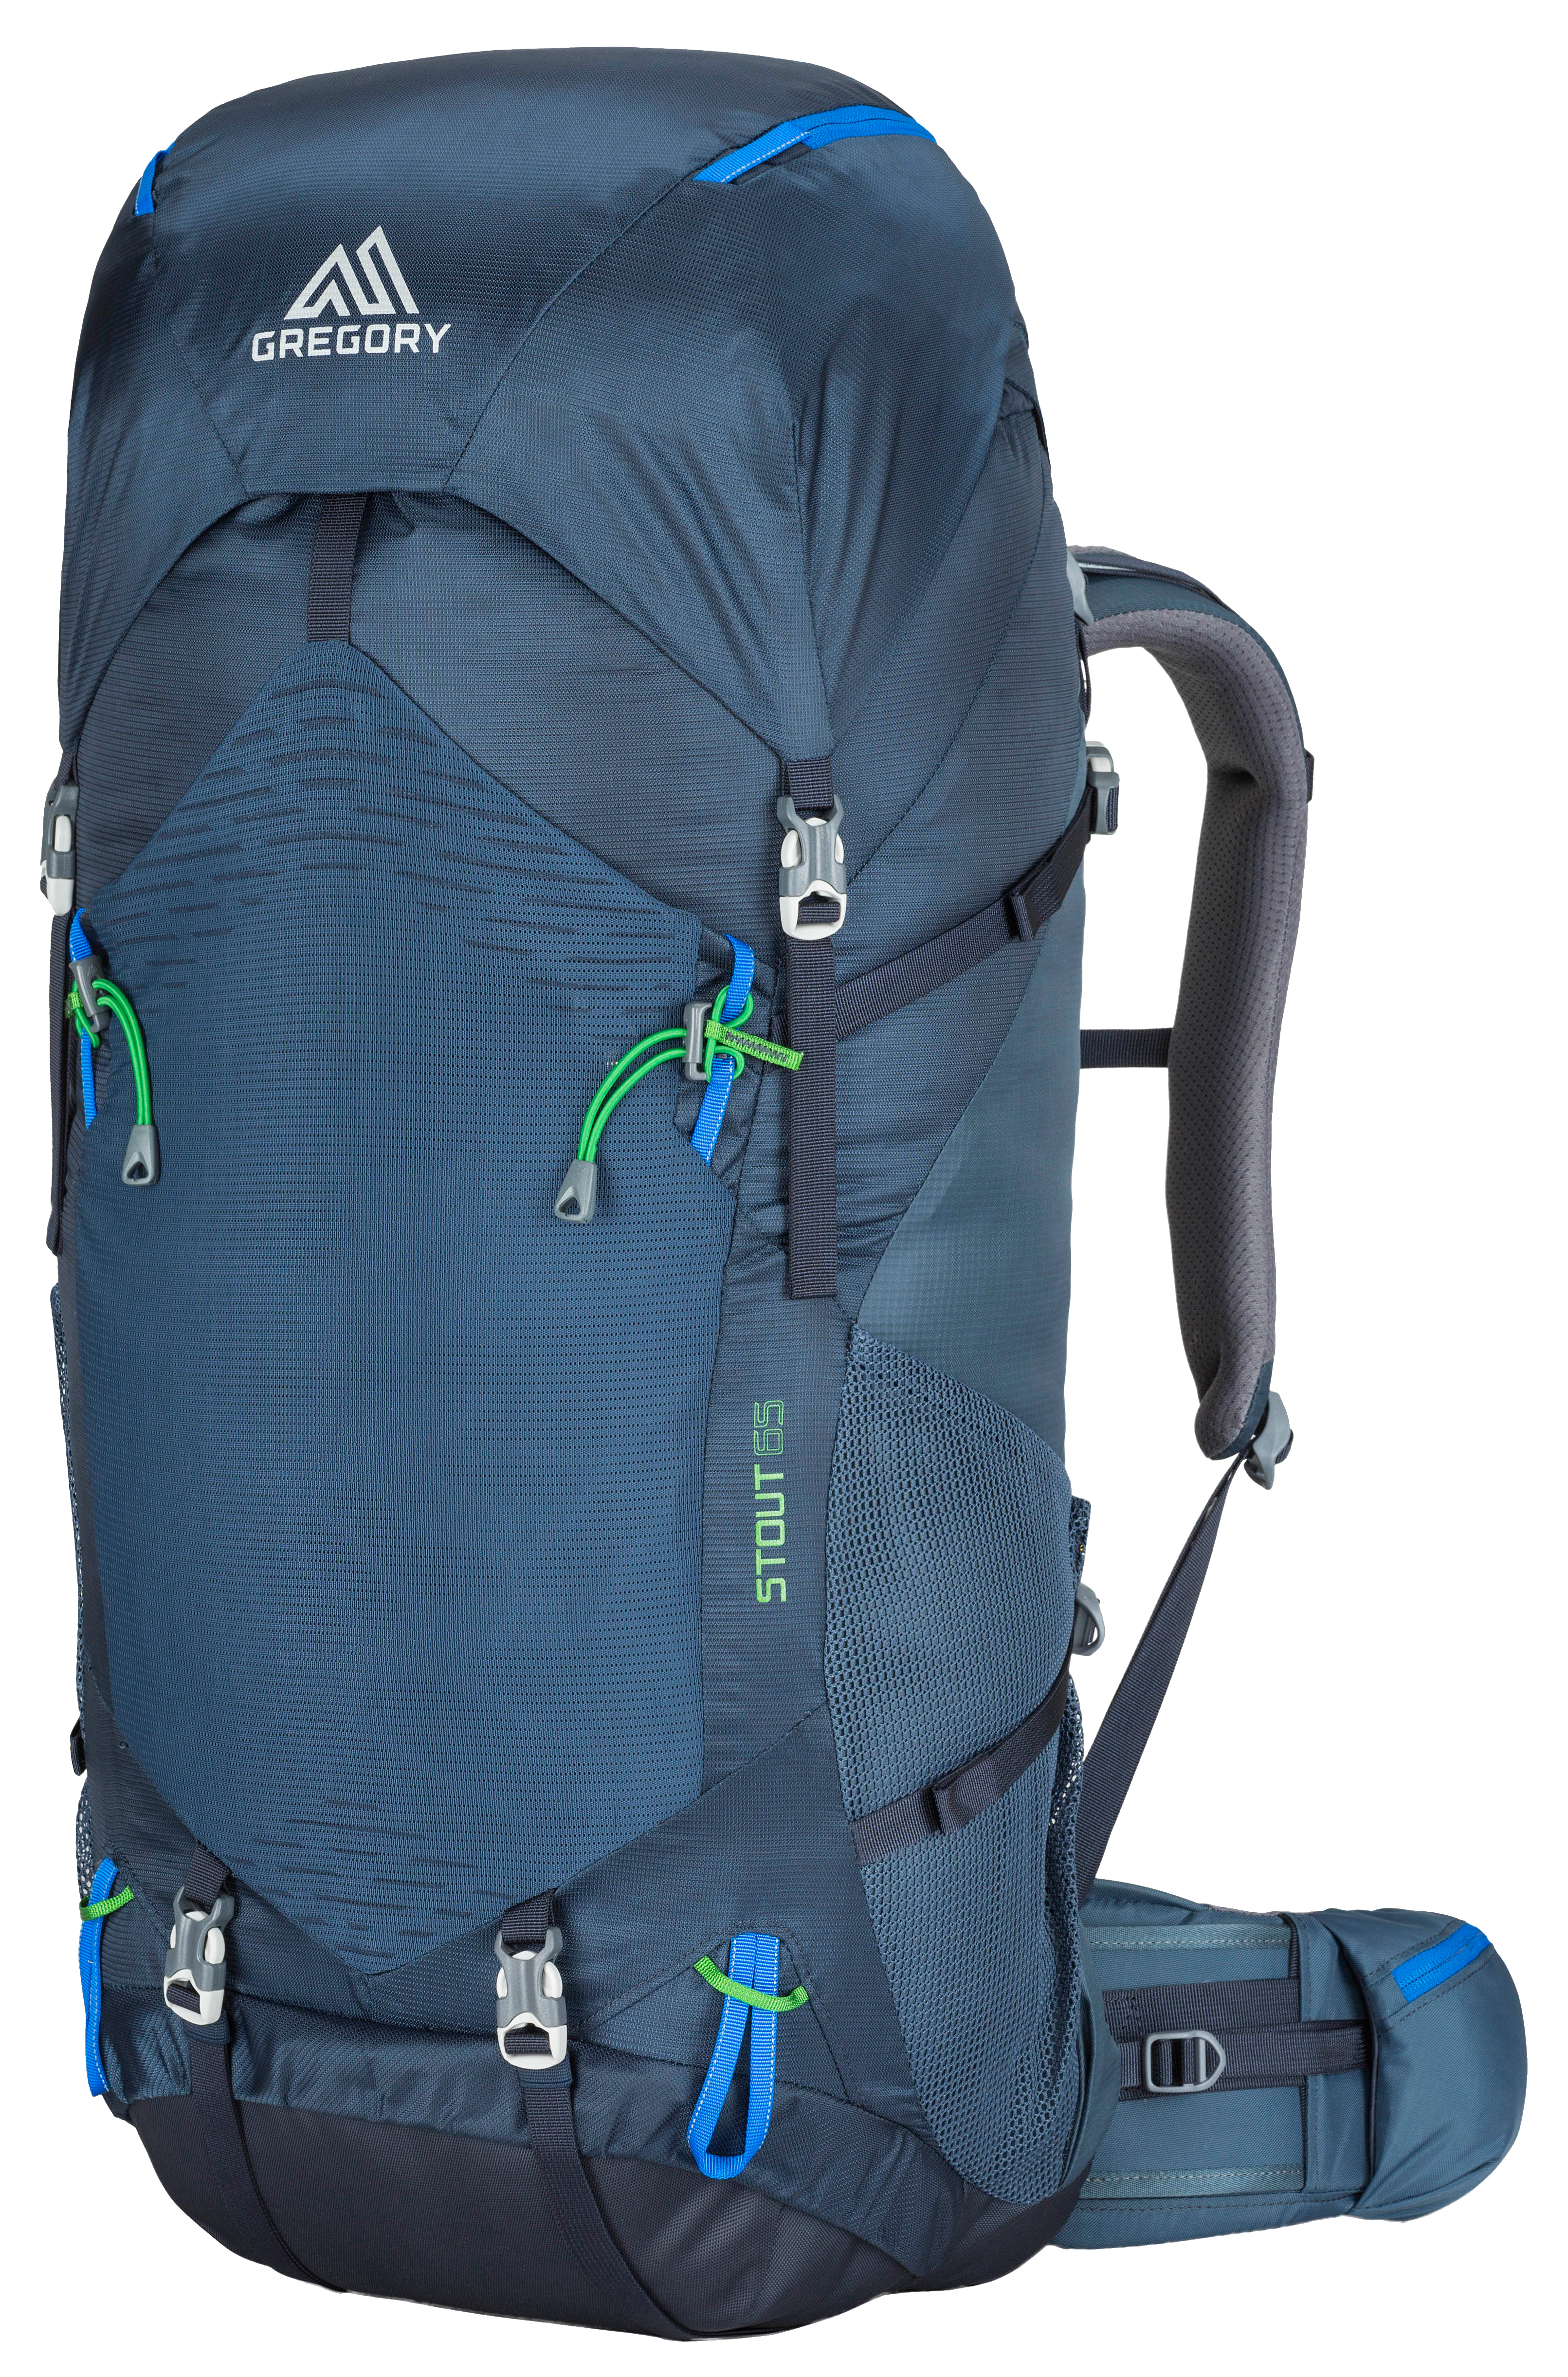 Велорюкзак mammut рюкзак для мальчика 5 класс немецкие